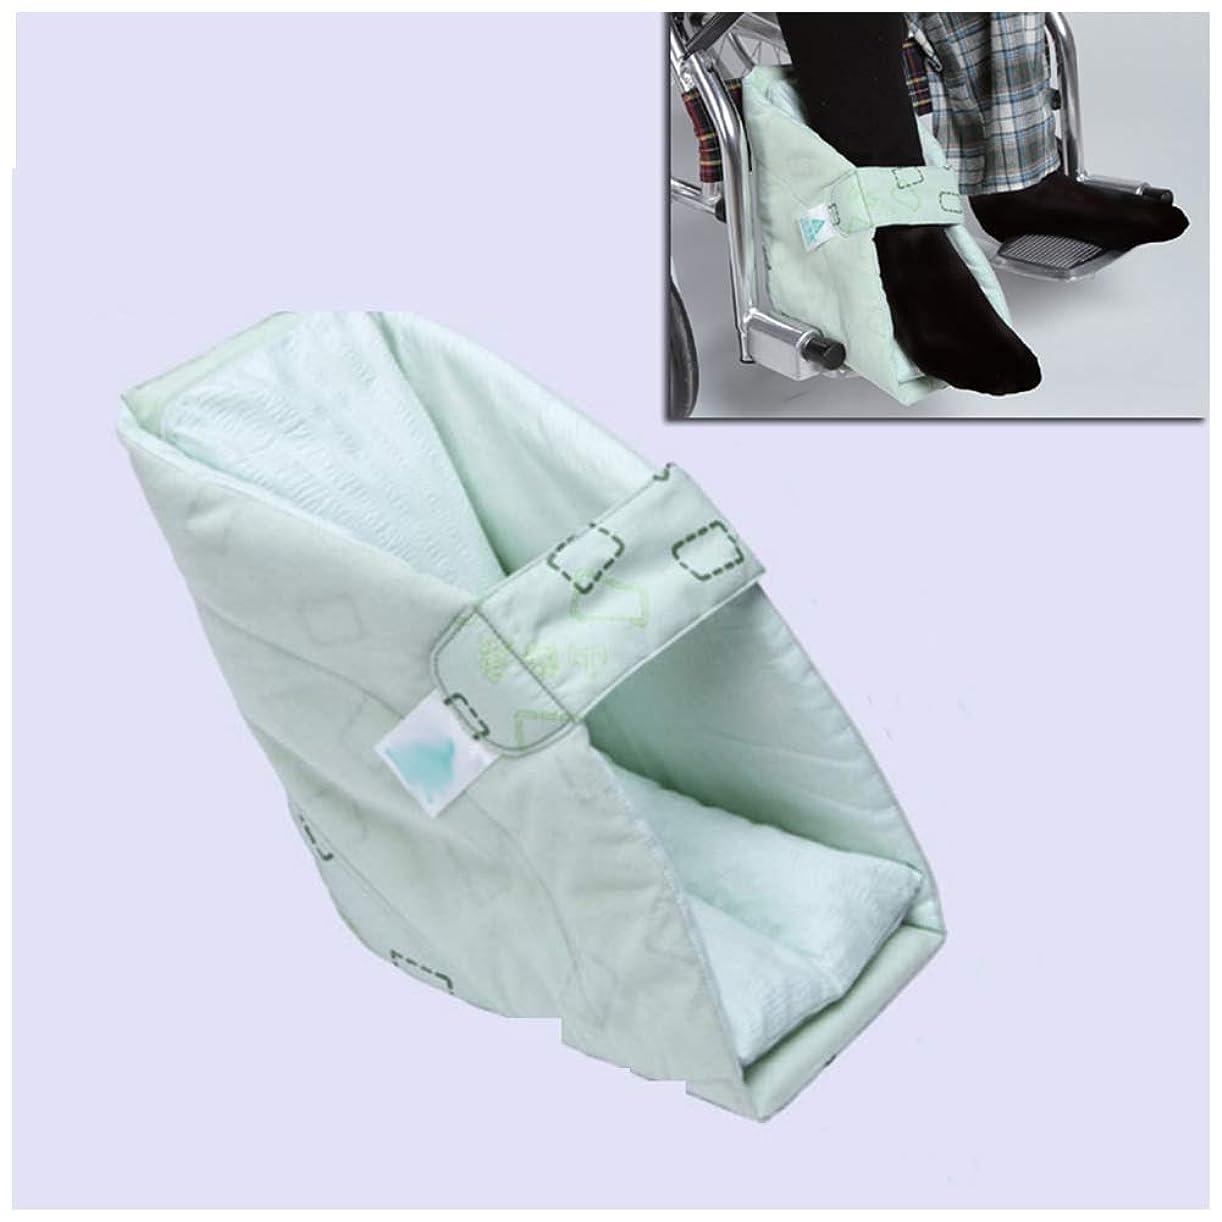 延期する出席する事故ヒールクッションプロテクター - 足と足首の枕 - ヒール保護ガード - 足、肘、かかと - ベッド&褥瘡を保護します,2pcs